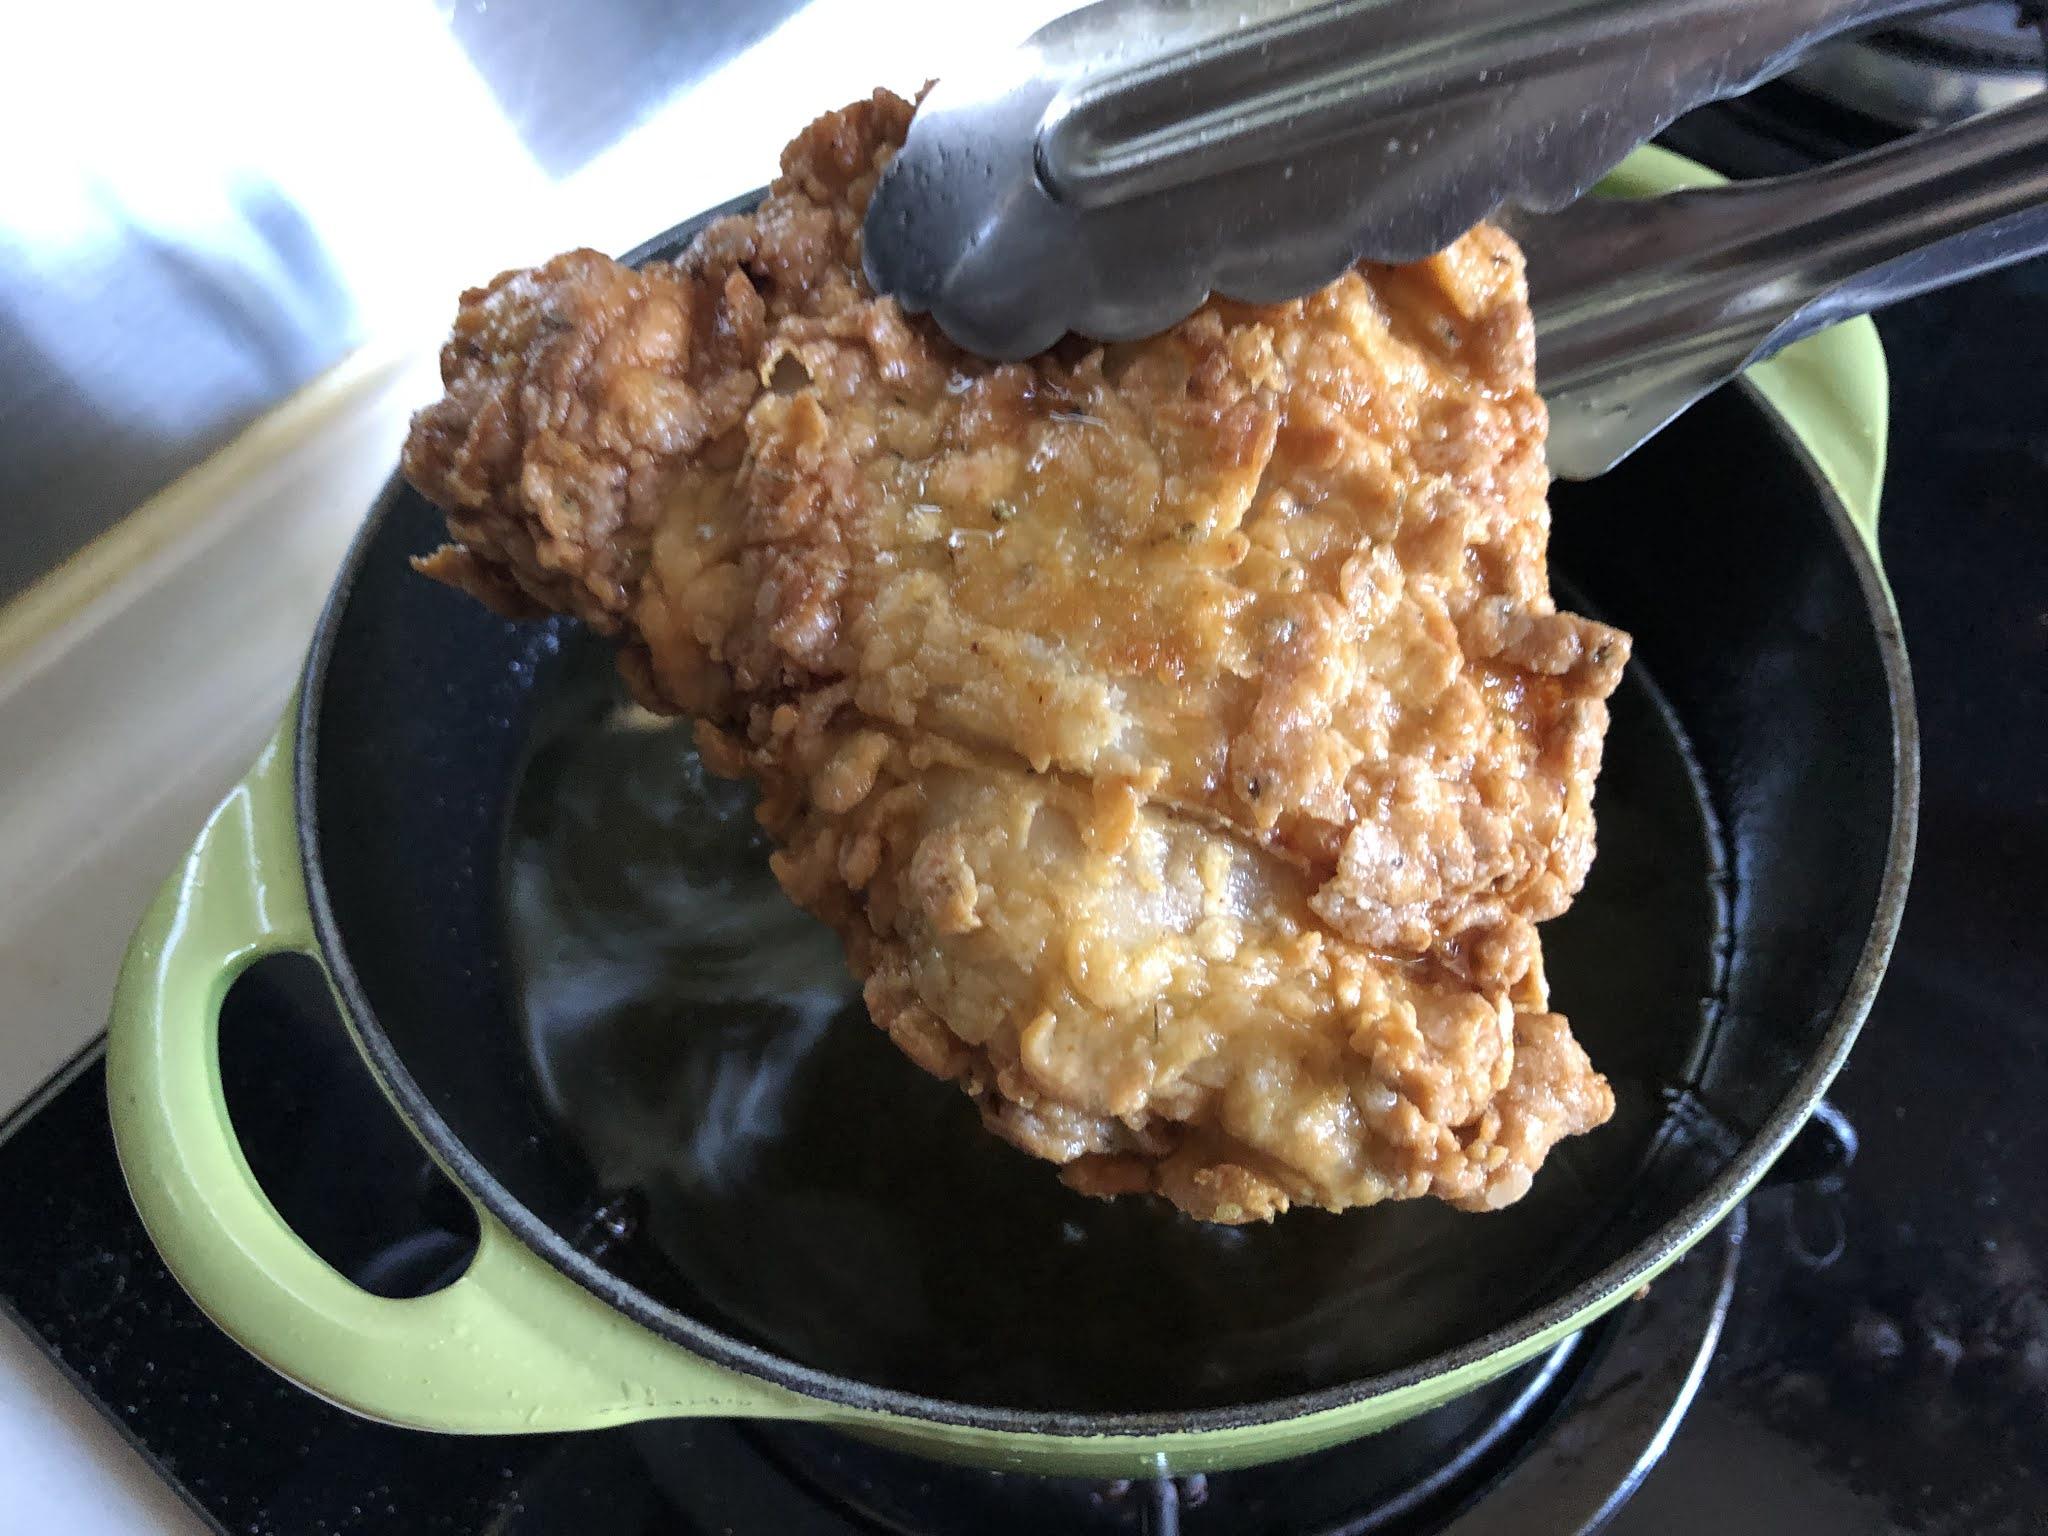 ~CANDICE KITCHEN~自家浪漫美食行: 嫩滑雞肉配方實驗:偽KFC香辣炸雞(附食譜)